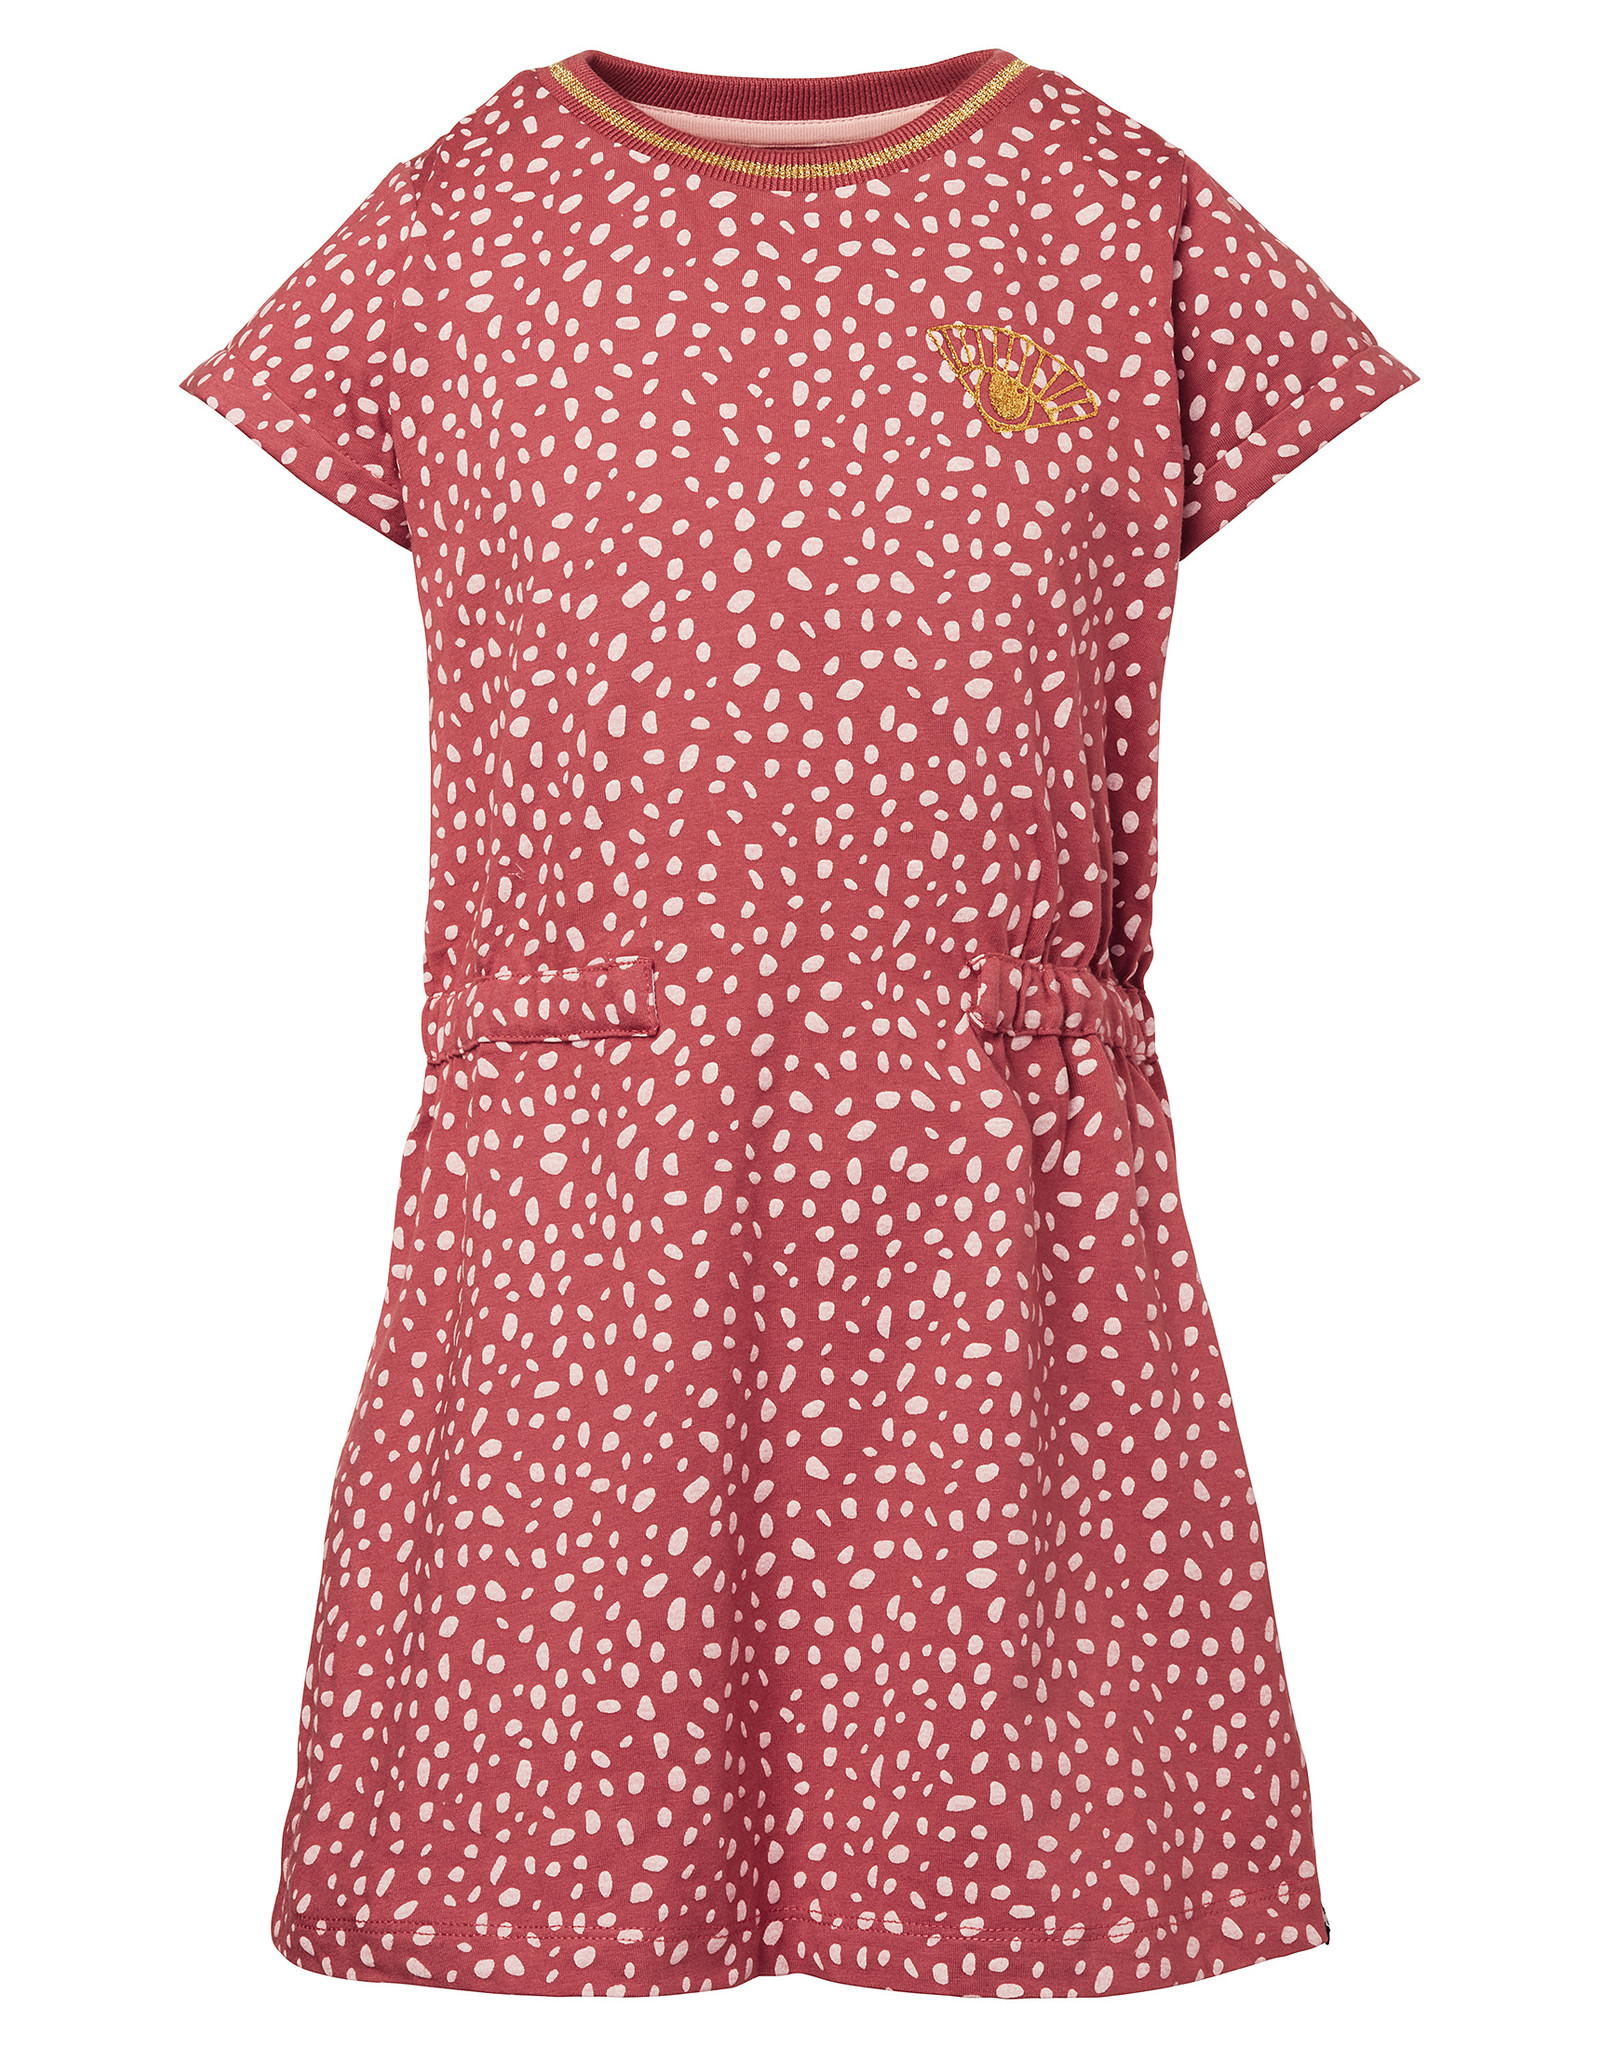 Noppies G Dress SS Lumsden